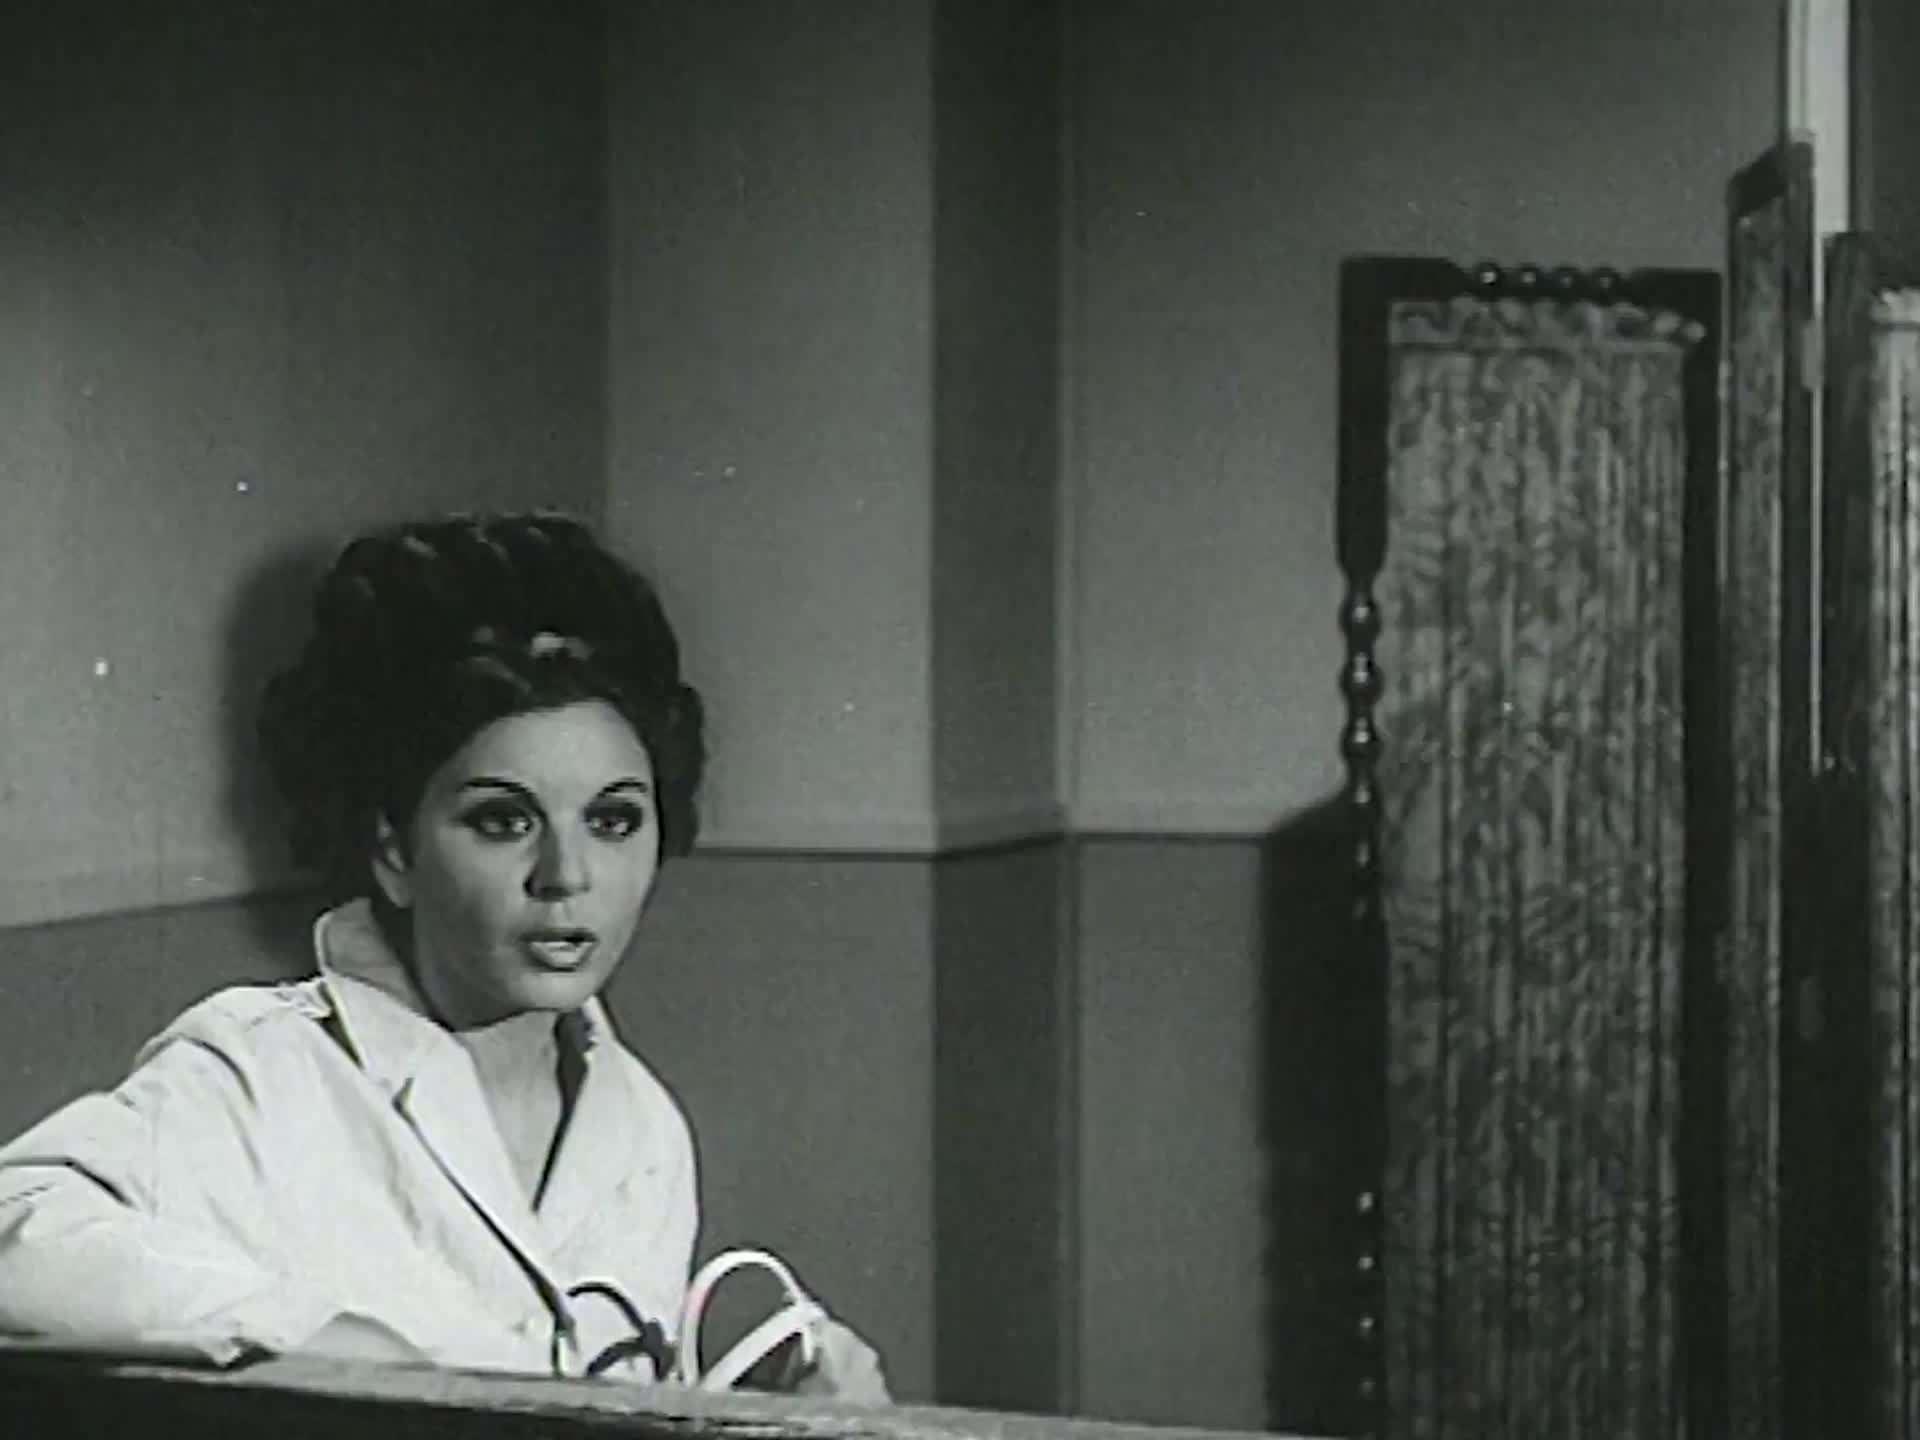 [فيلم][تورنت][تحميل][حواء والقرد][1968][1080p][Web-DL] 6 arabp2p.com